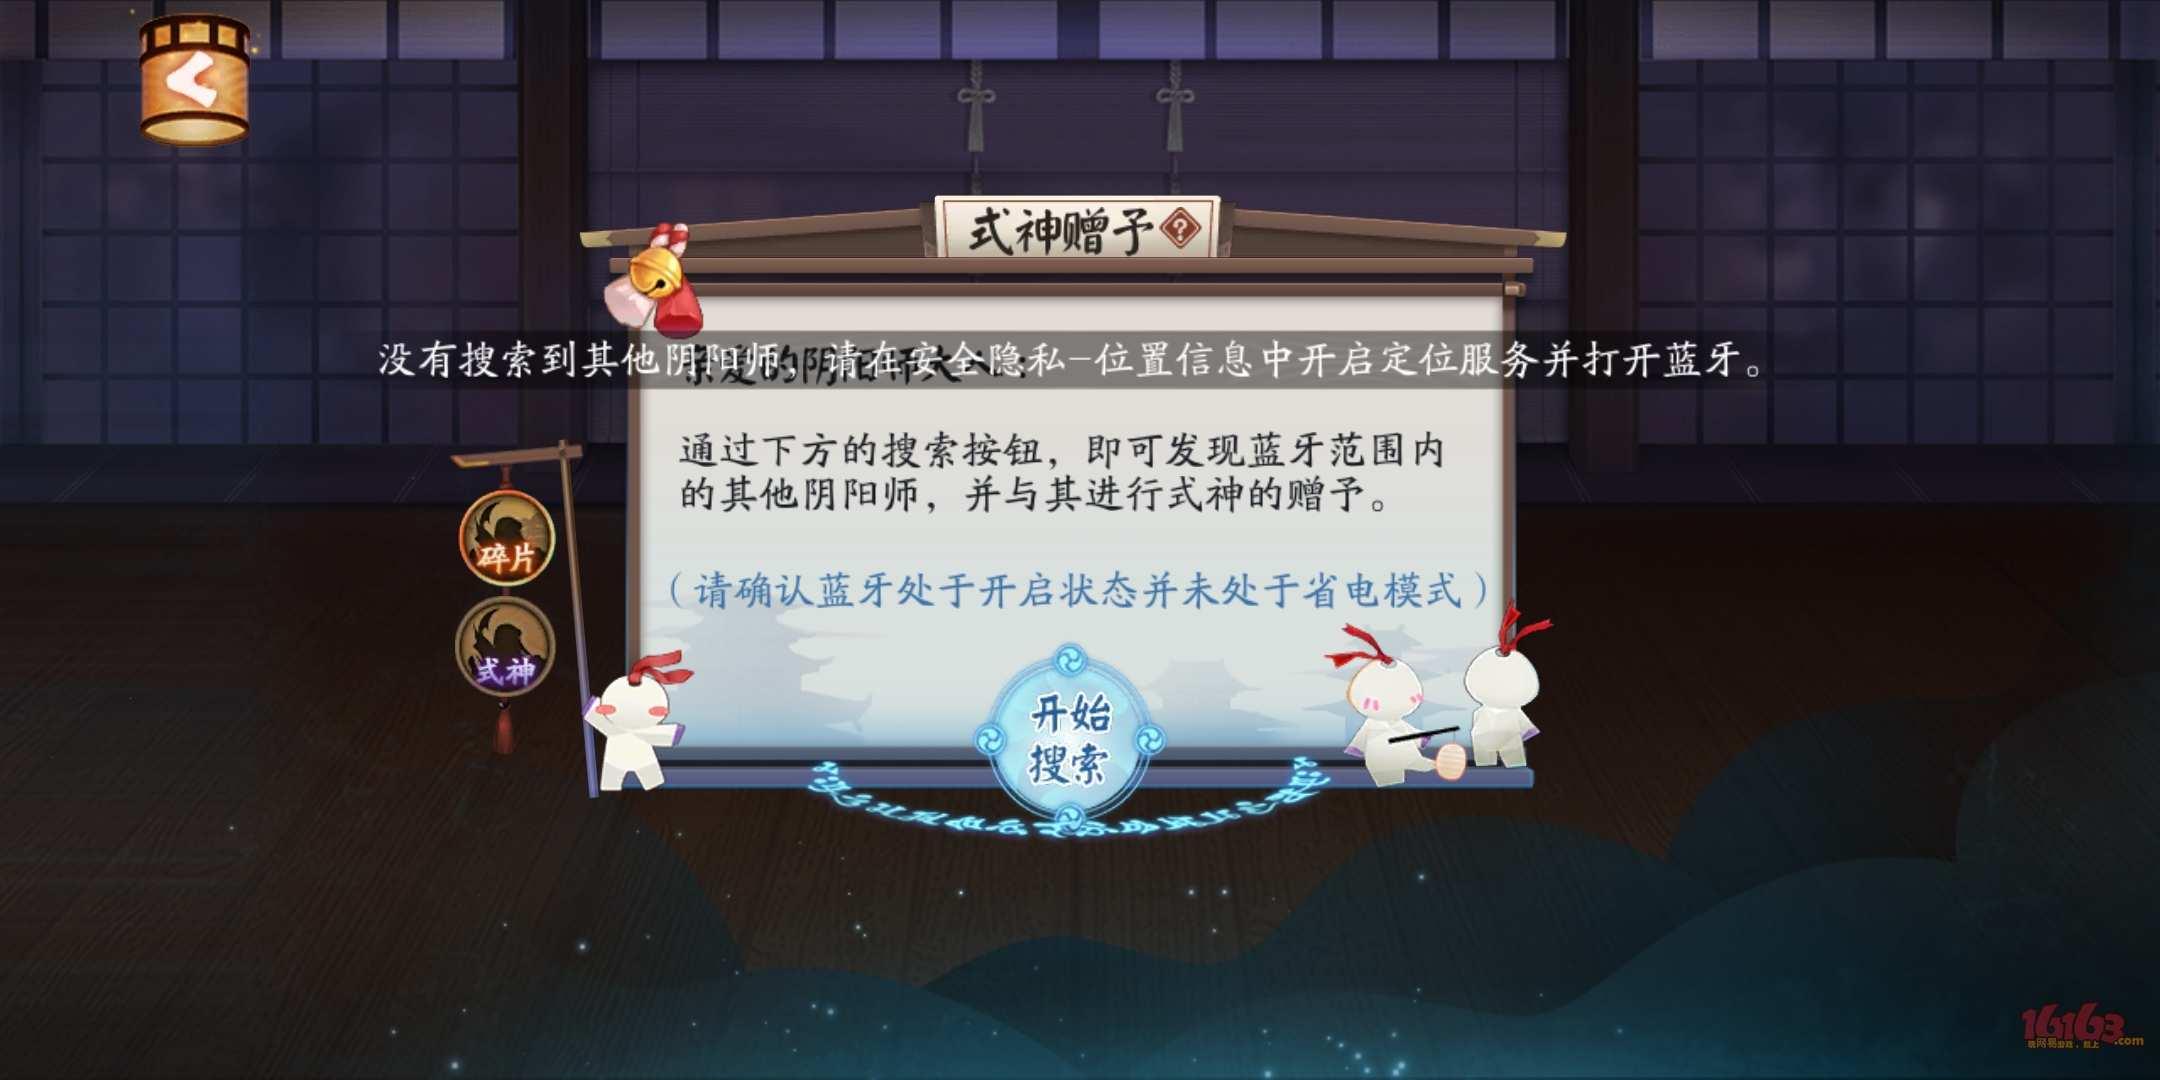 Screenshot_20190110_205235_com.netease.onmyoji.jpg